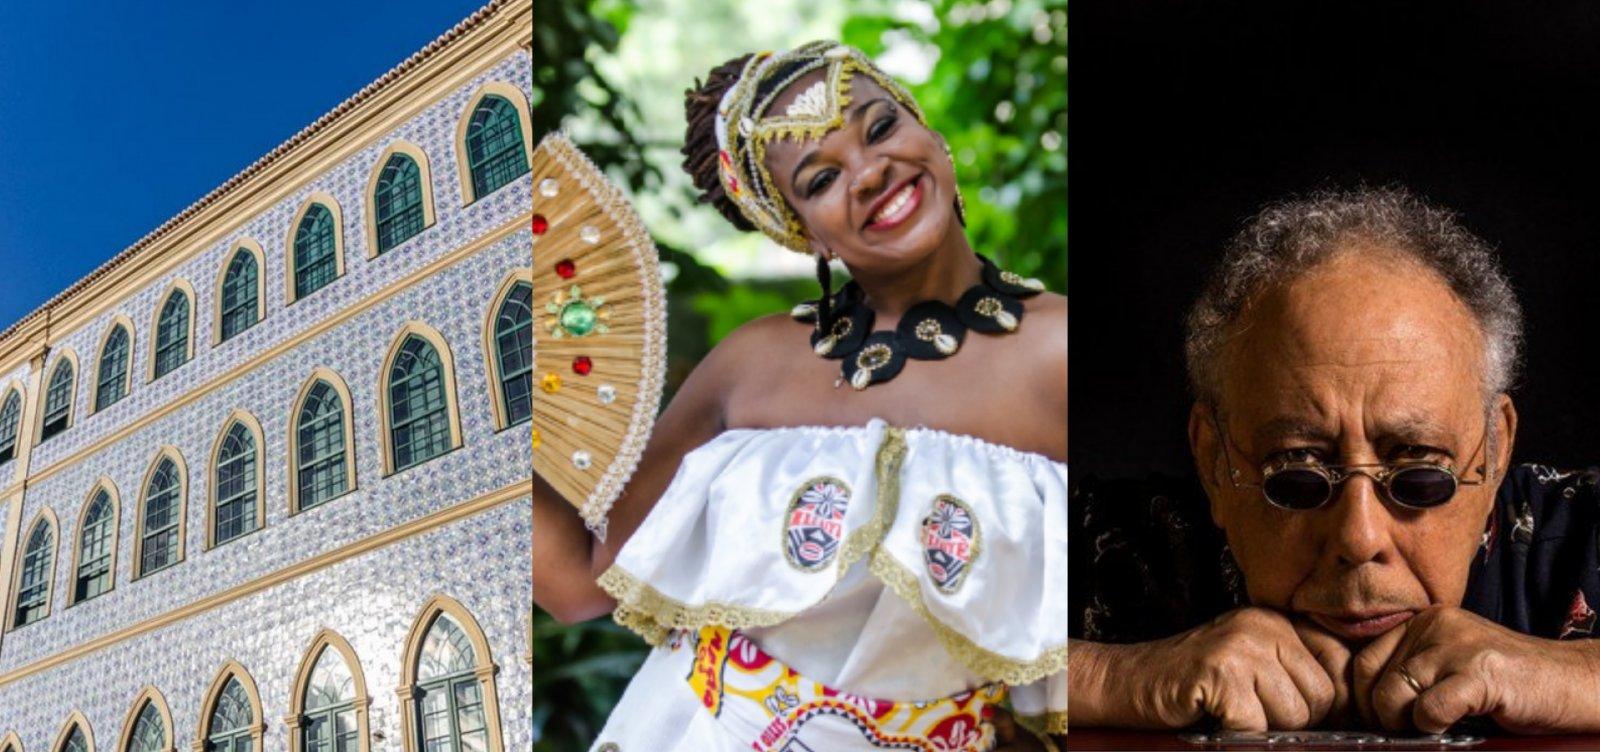 Cidade da Música, Ilê Aiyê e Jards Macalé: programe seu fim de semana em Salvador